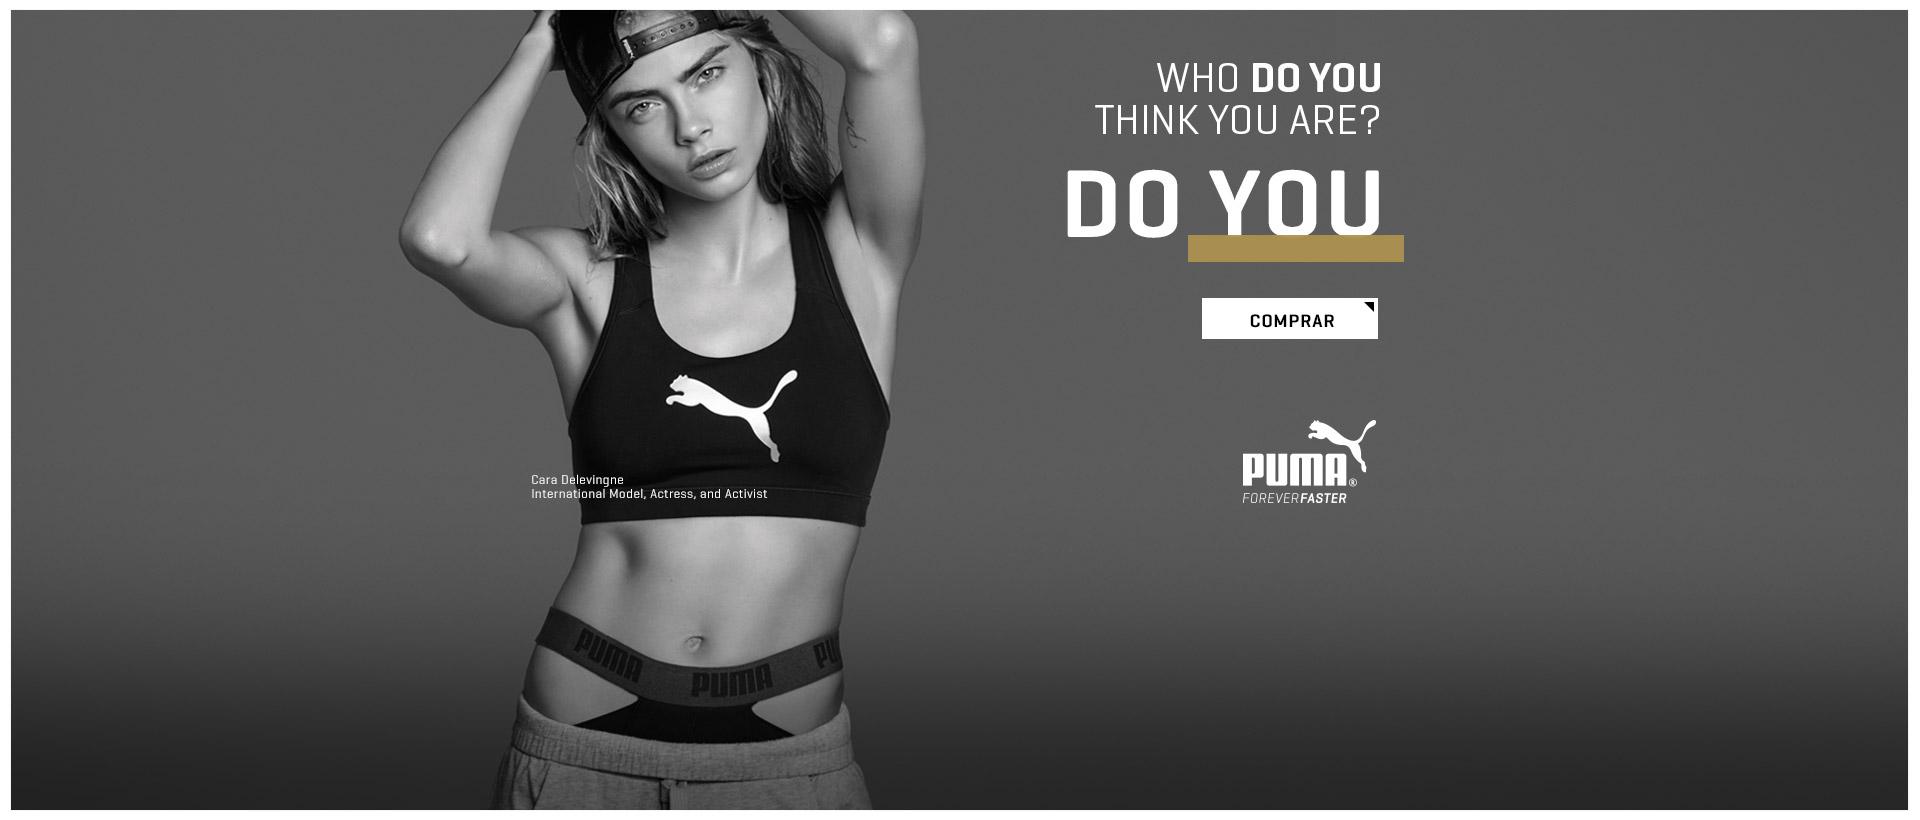 PUMA  - DO YOU?